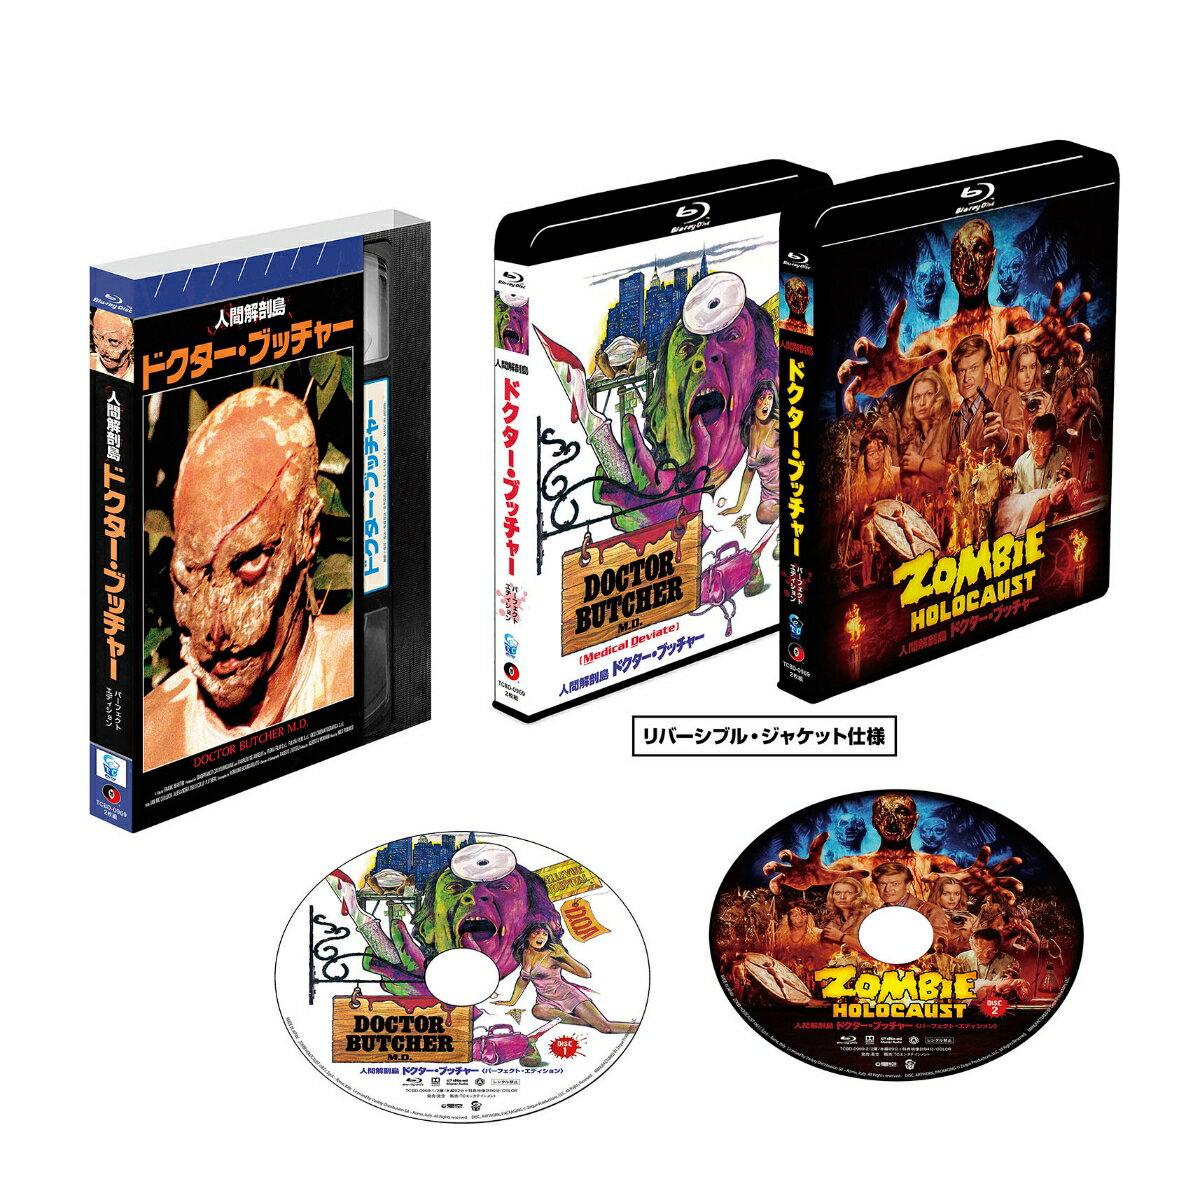 人間解剖島/ドクター・ブッチャー パーフェクト・エディション【Blu-ray】